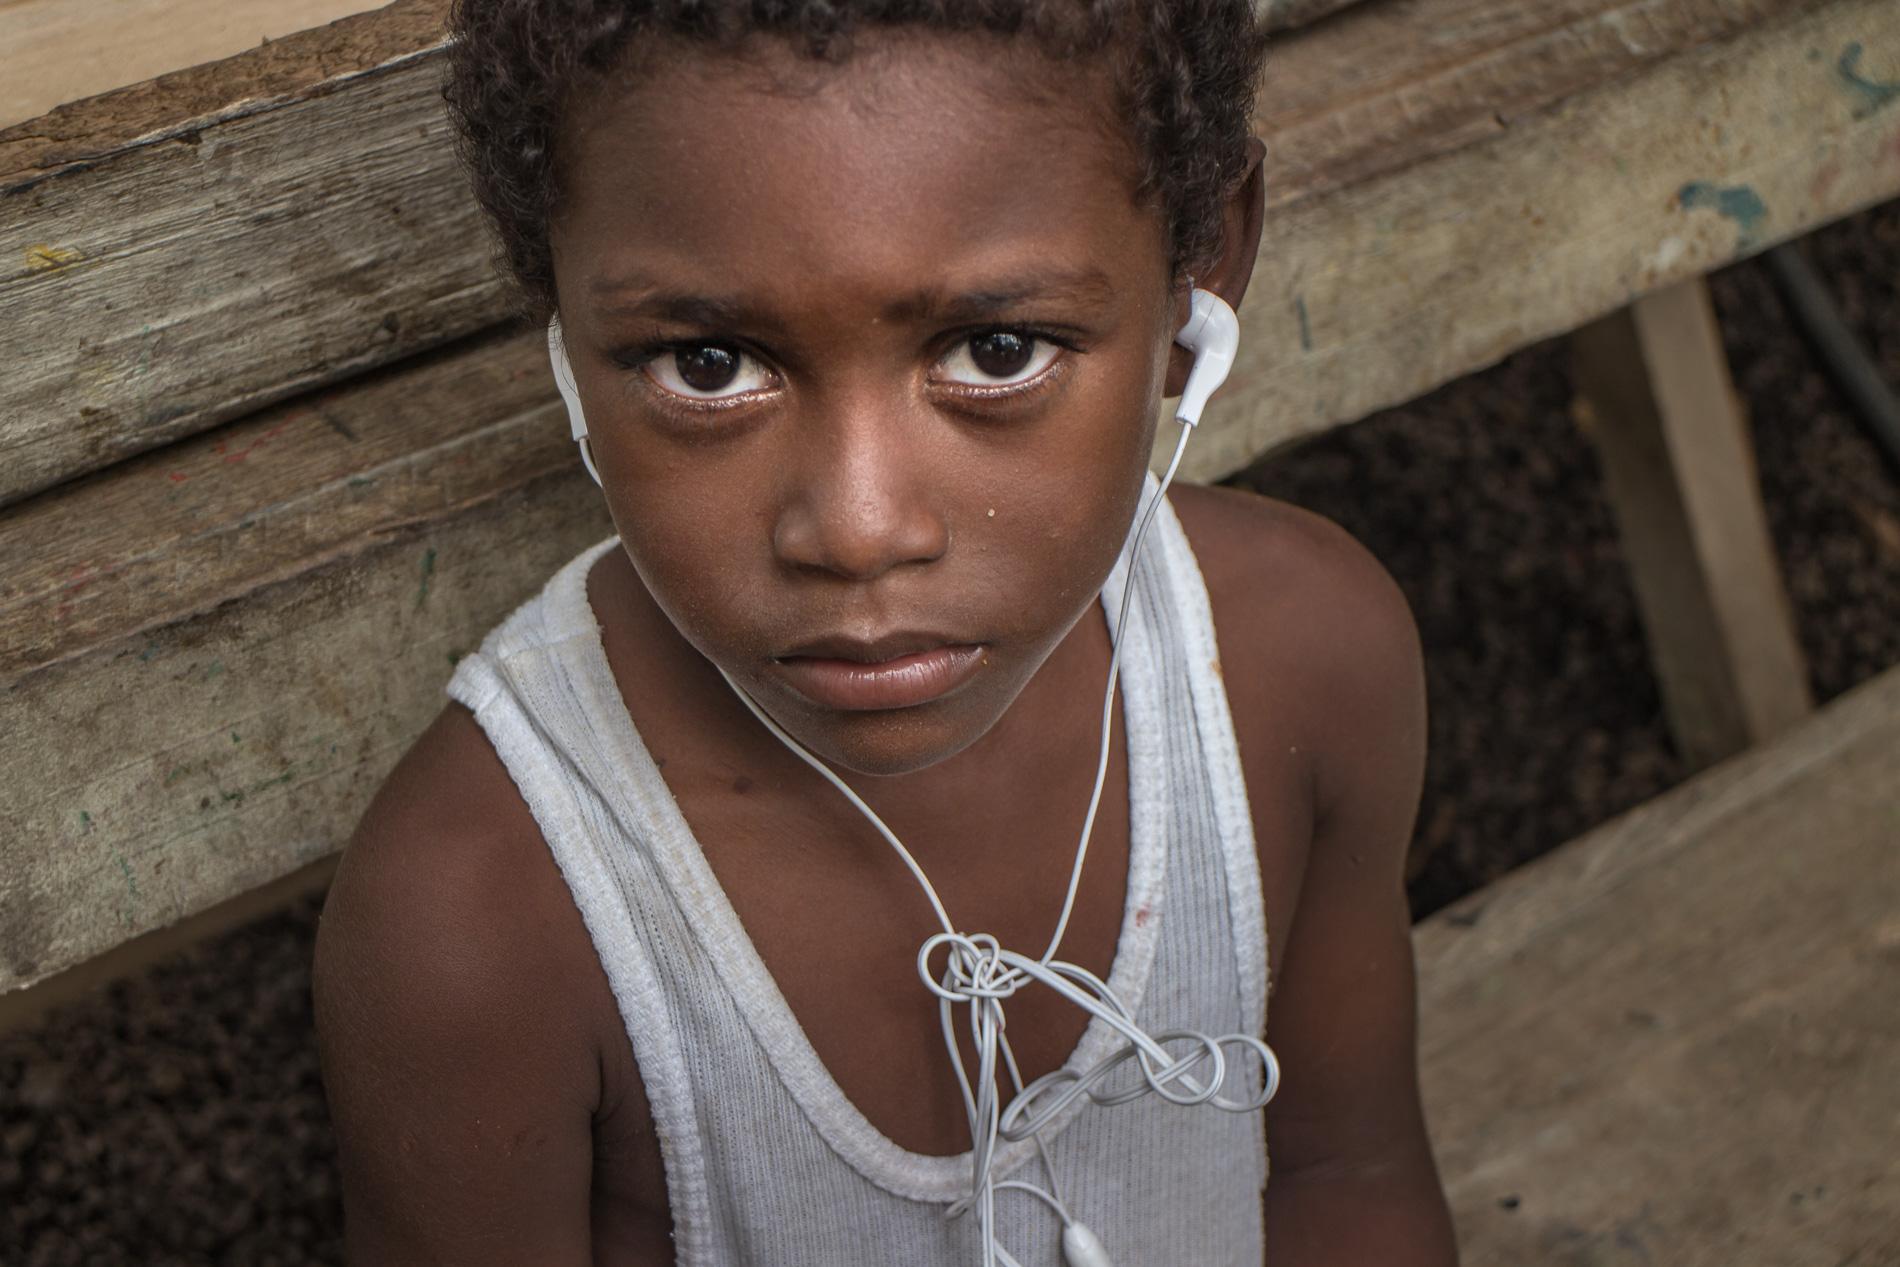 Afro-Ecuadorean child